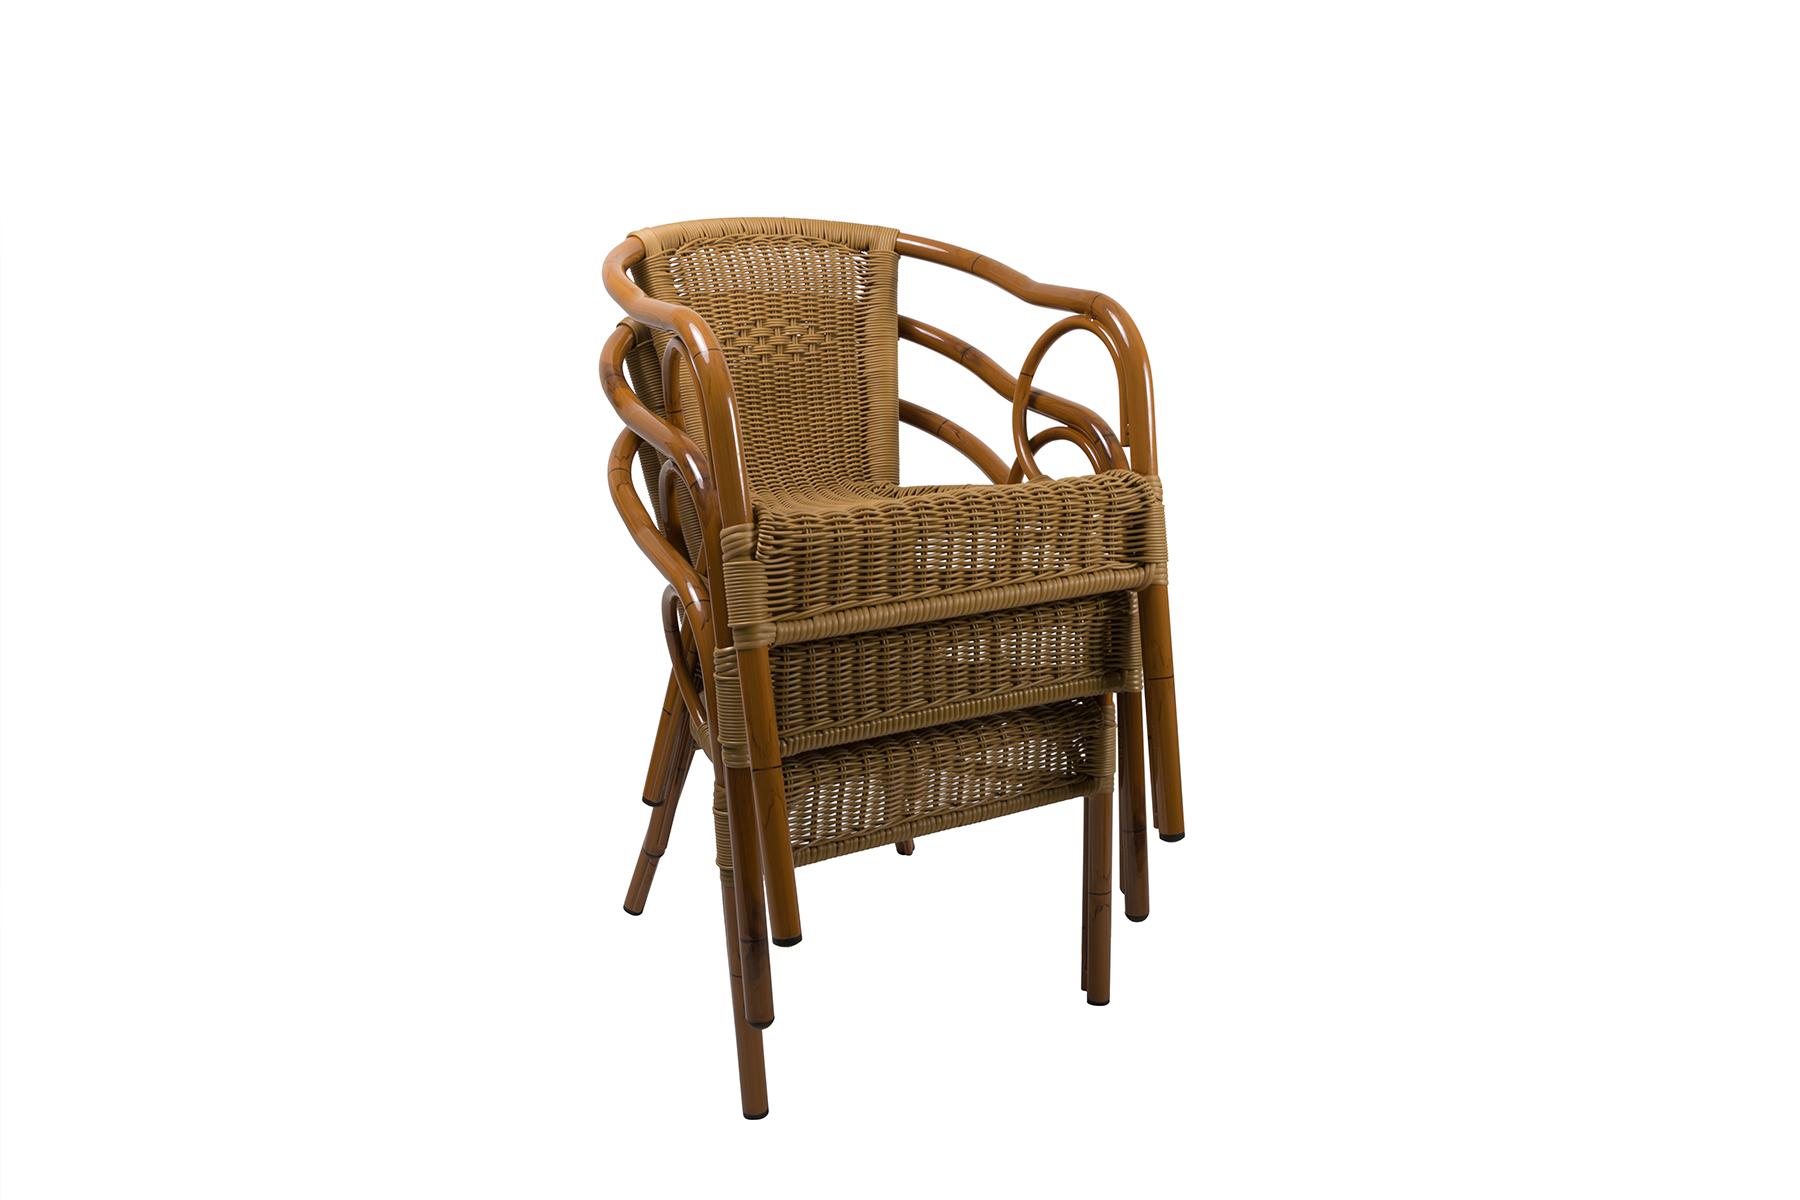 krzesło z technorattanu składane w stos